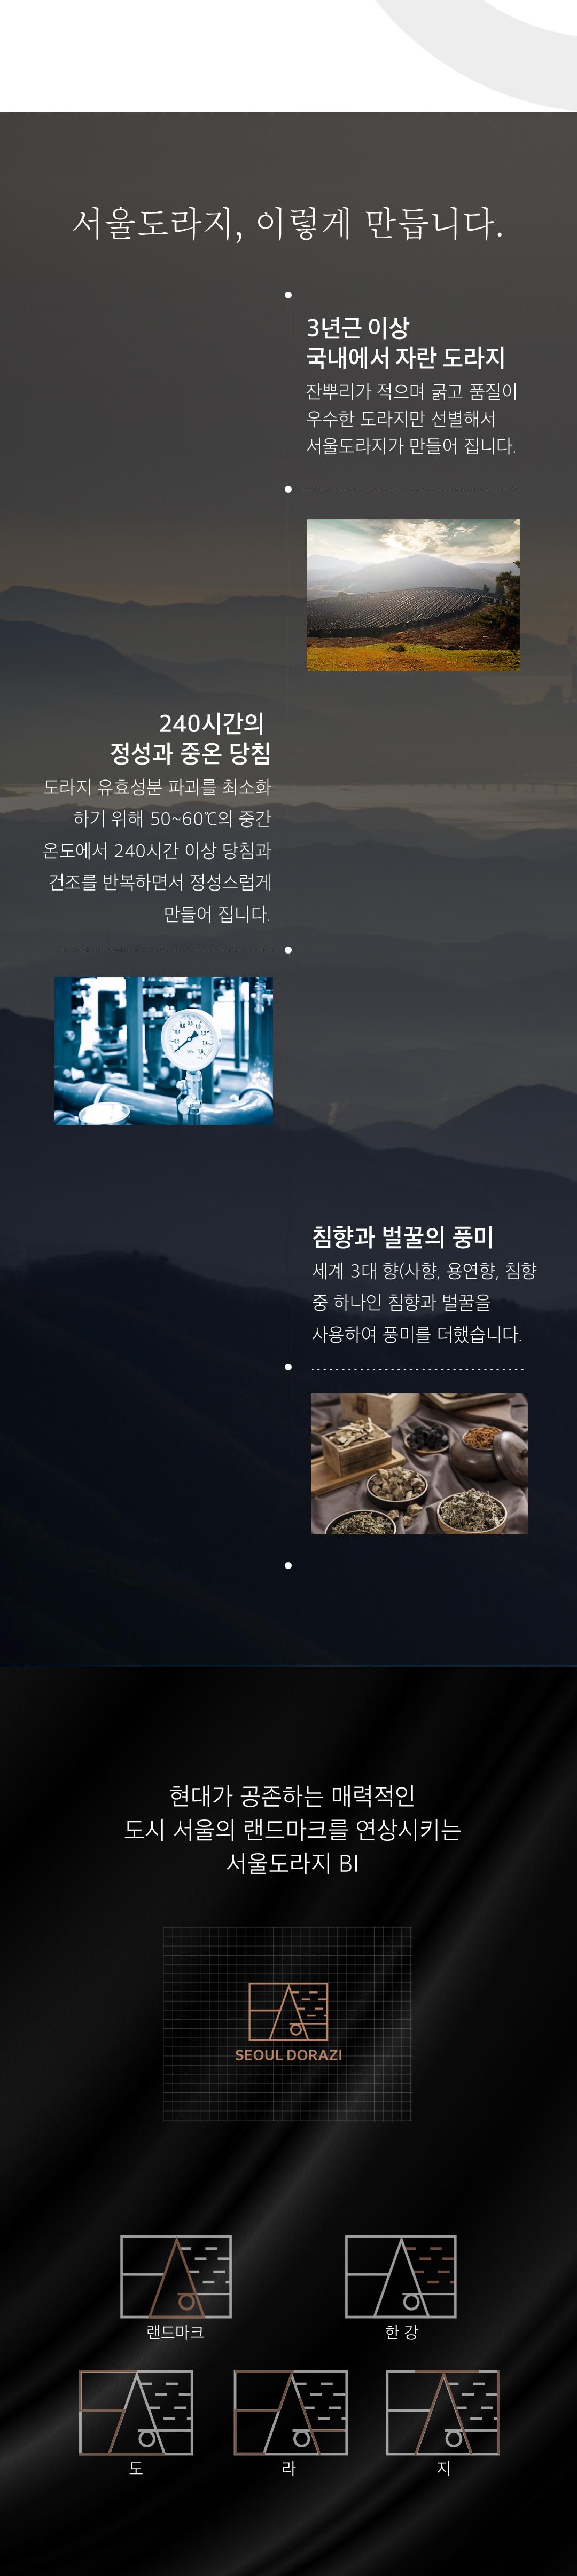 서울도라지7